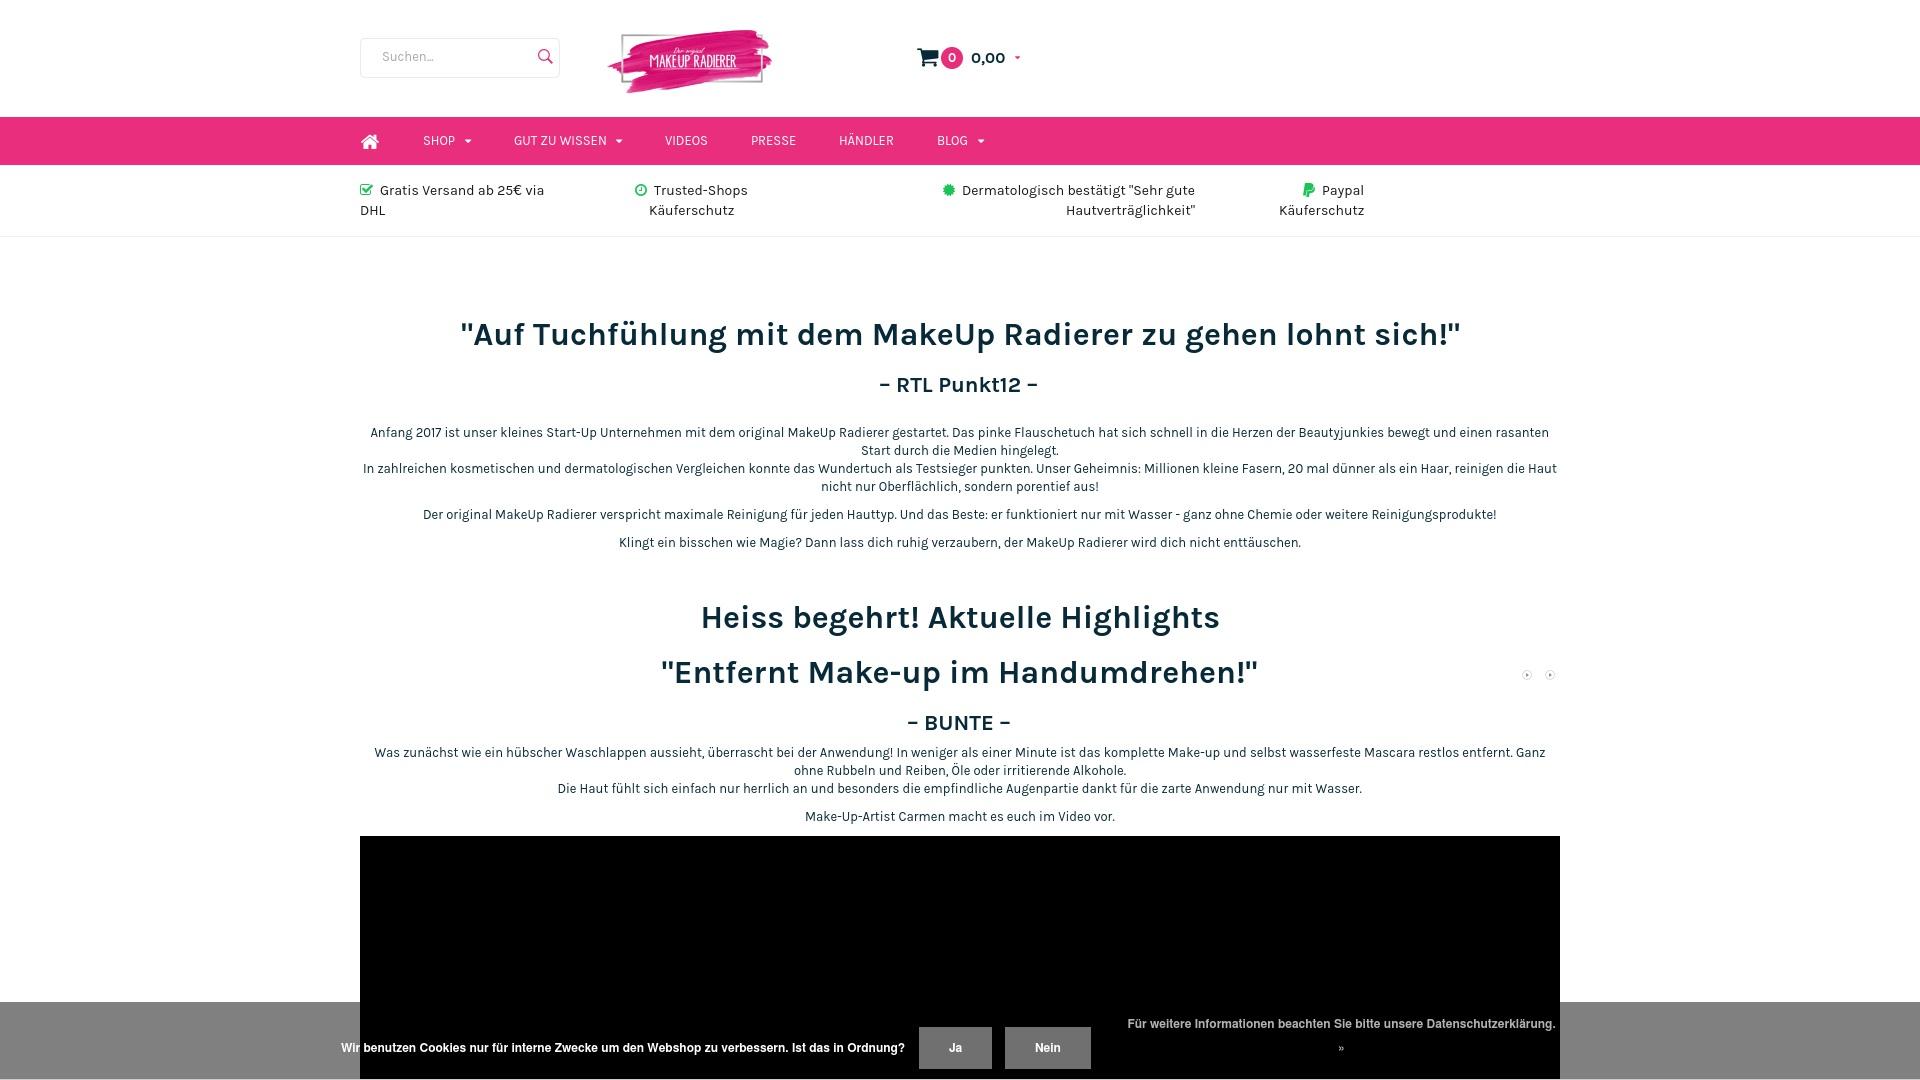 Gutschein für Makeupradierer: Rabatte für  Makeupradierer sichern